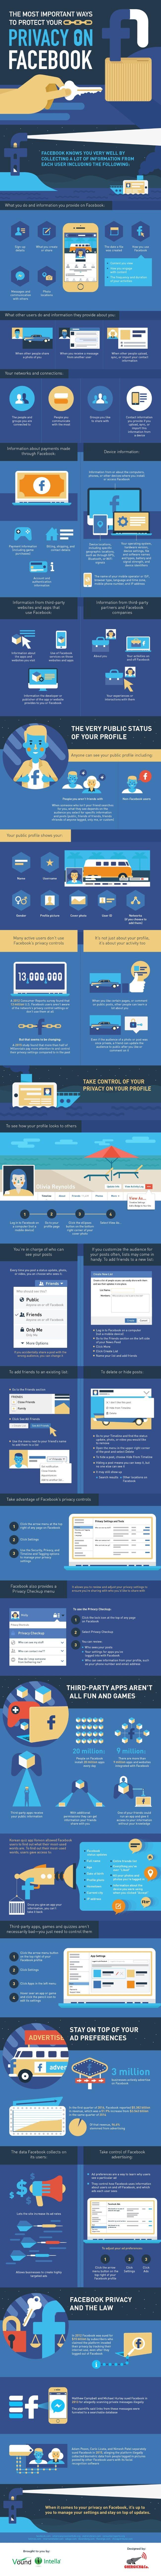 Tipps & Tricks: Die wichtigsten Regeln zum Schutz der Privatsphäre auf Facebook